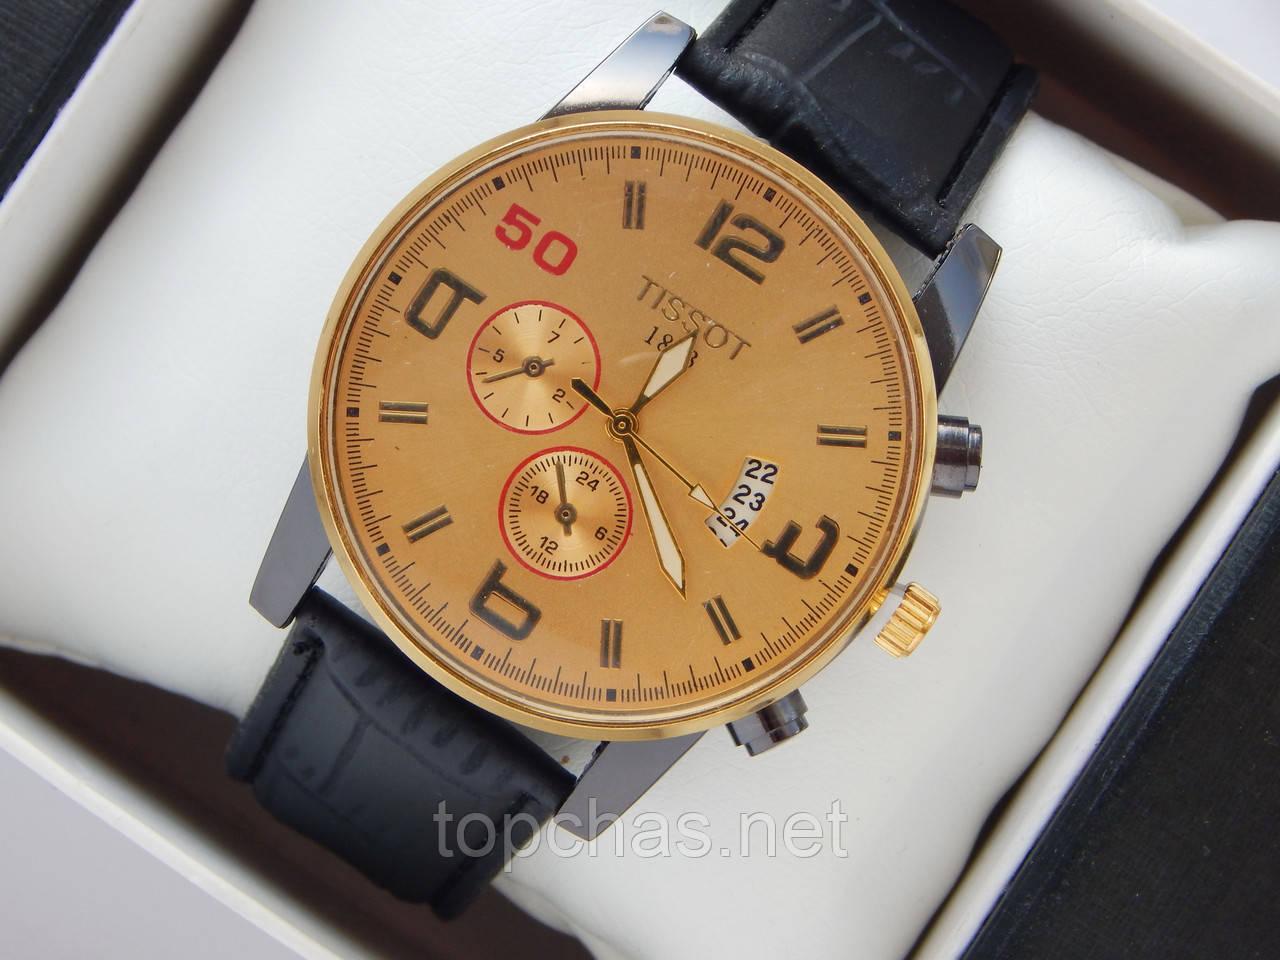 45a381a43caa Мужские (Женские) кварцевые наручные часы Tissot на кожаном ремешке с датой  - Top Chas